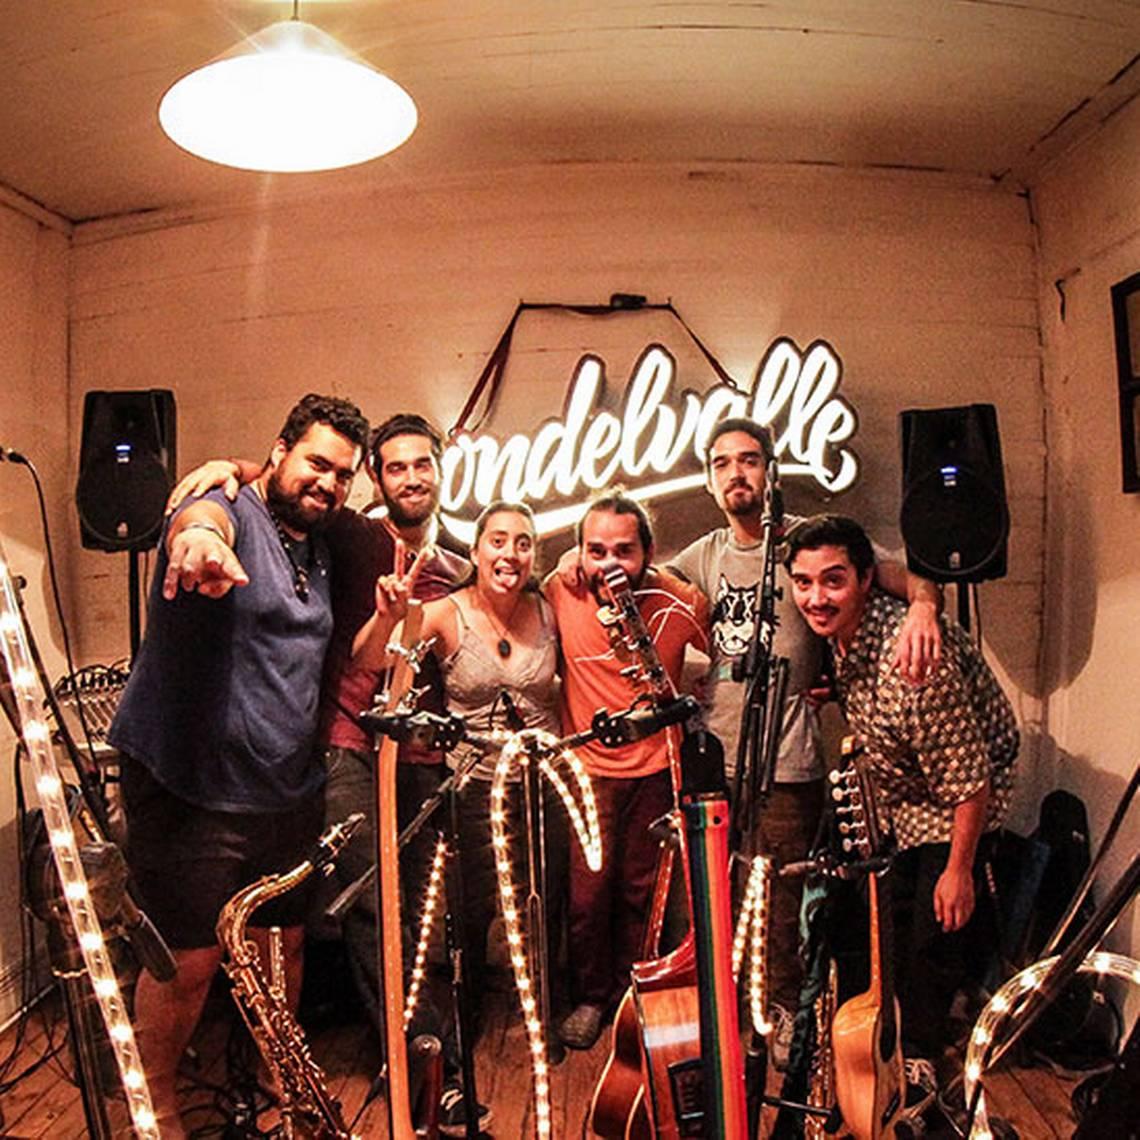 Sondelvalle presenta nuevo videoclip y confirma concierto en Club Subterráneo